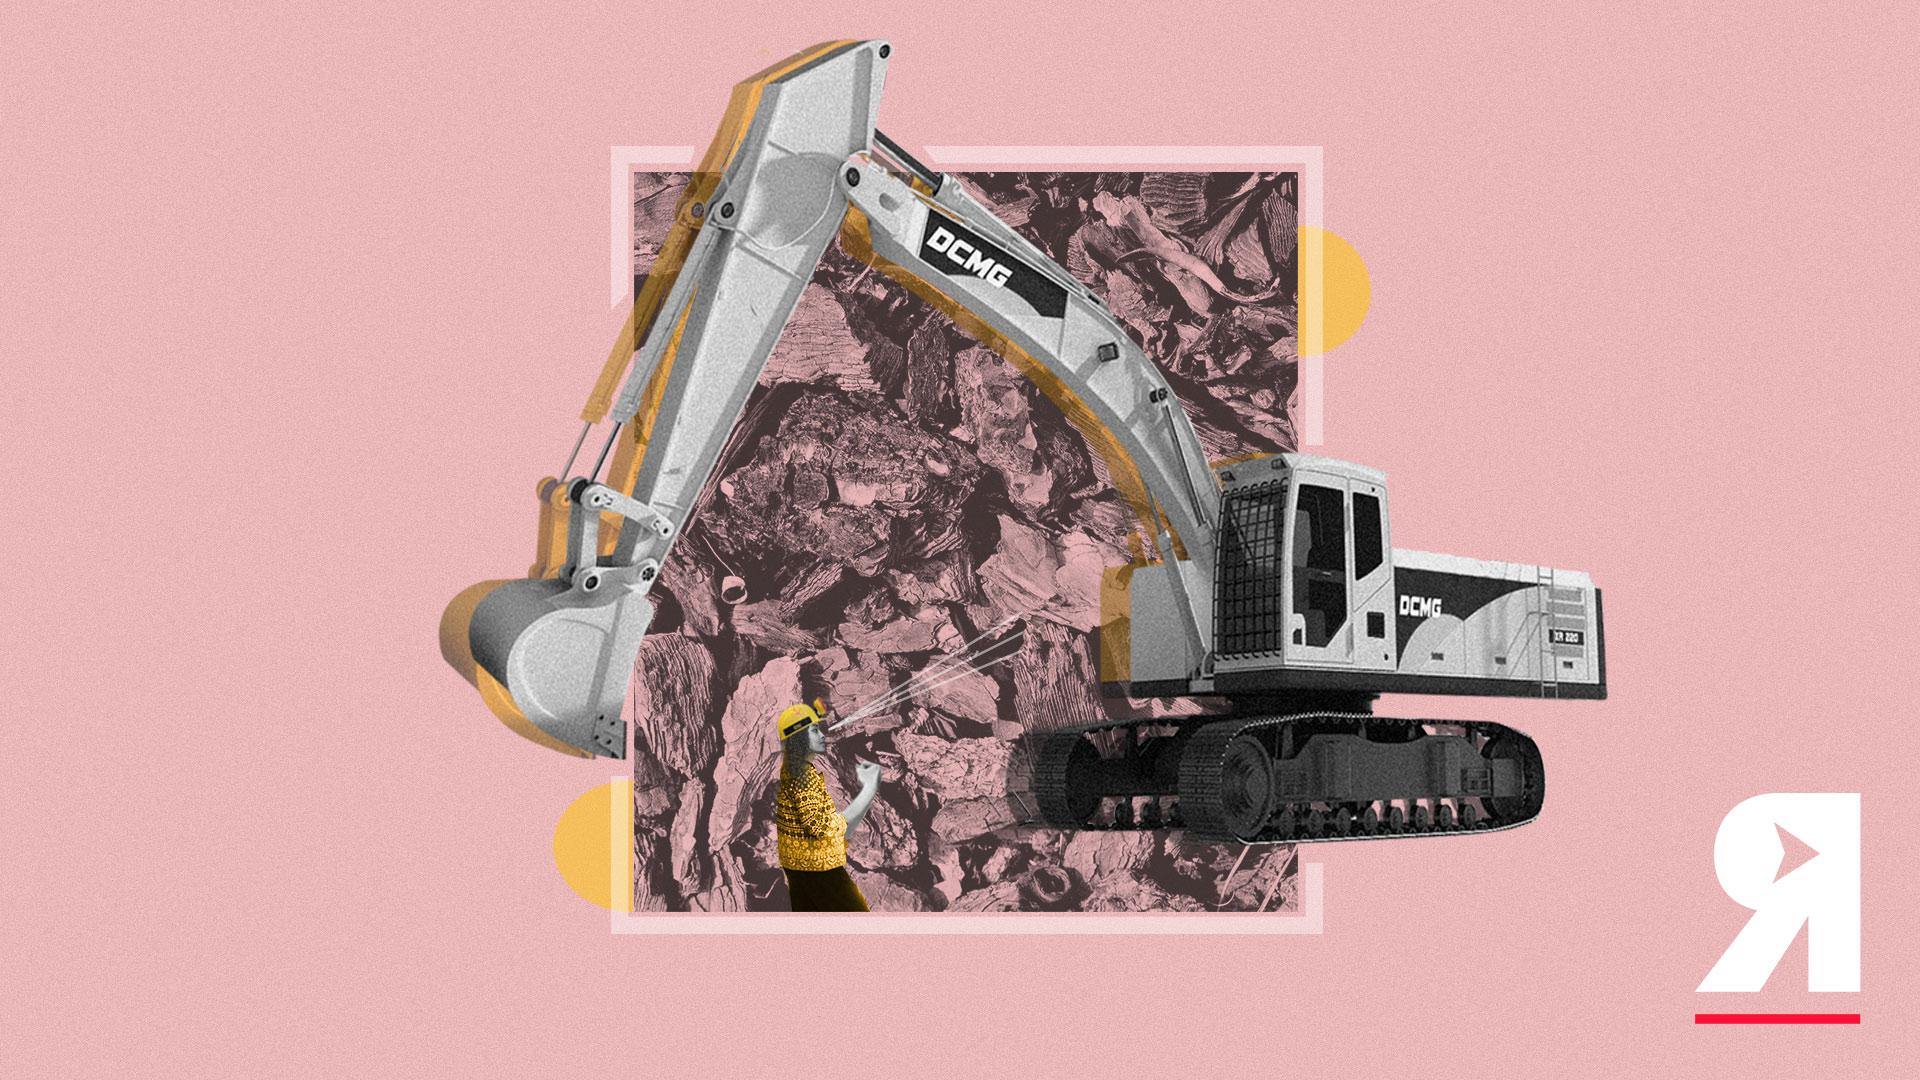 La lucha de Tania Saade contra el acoso laboral en una gran multinacional minera